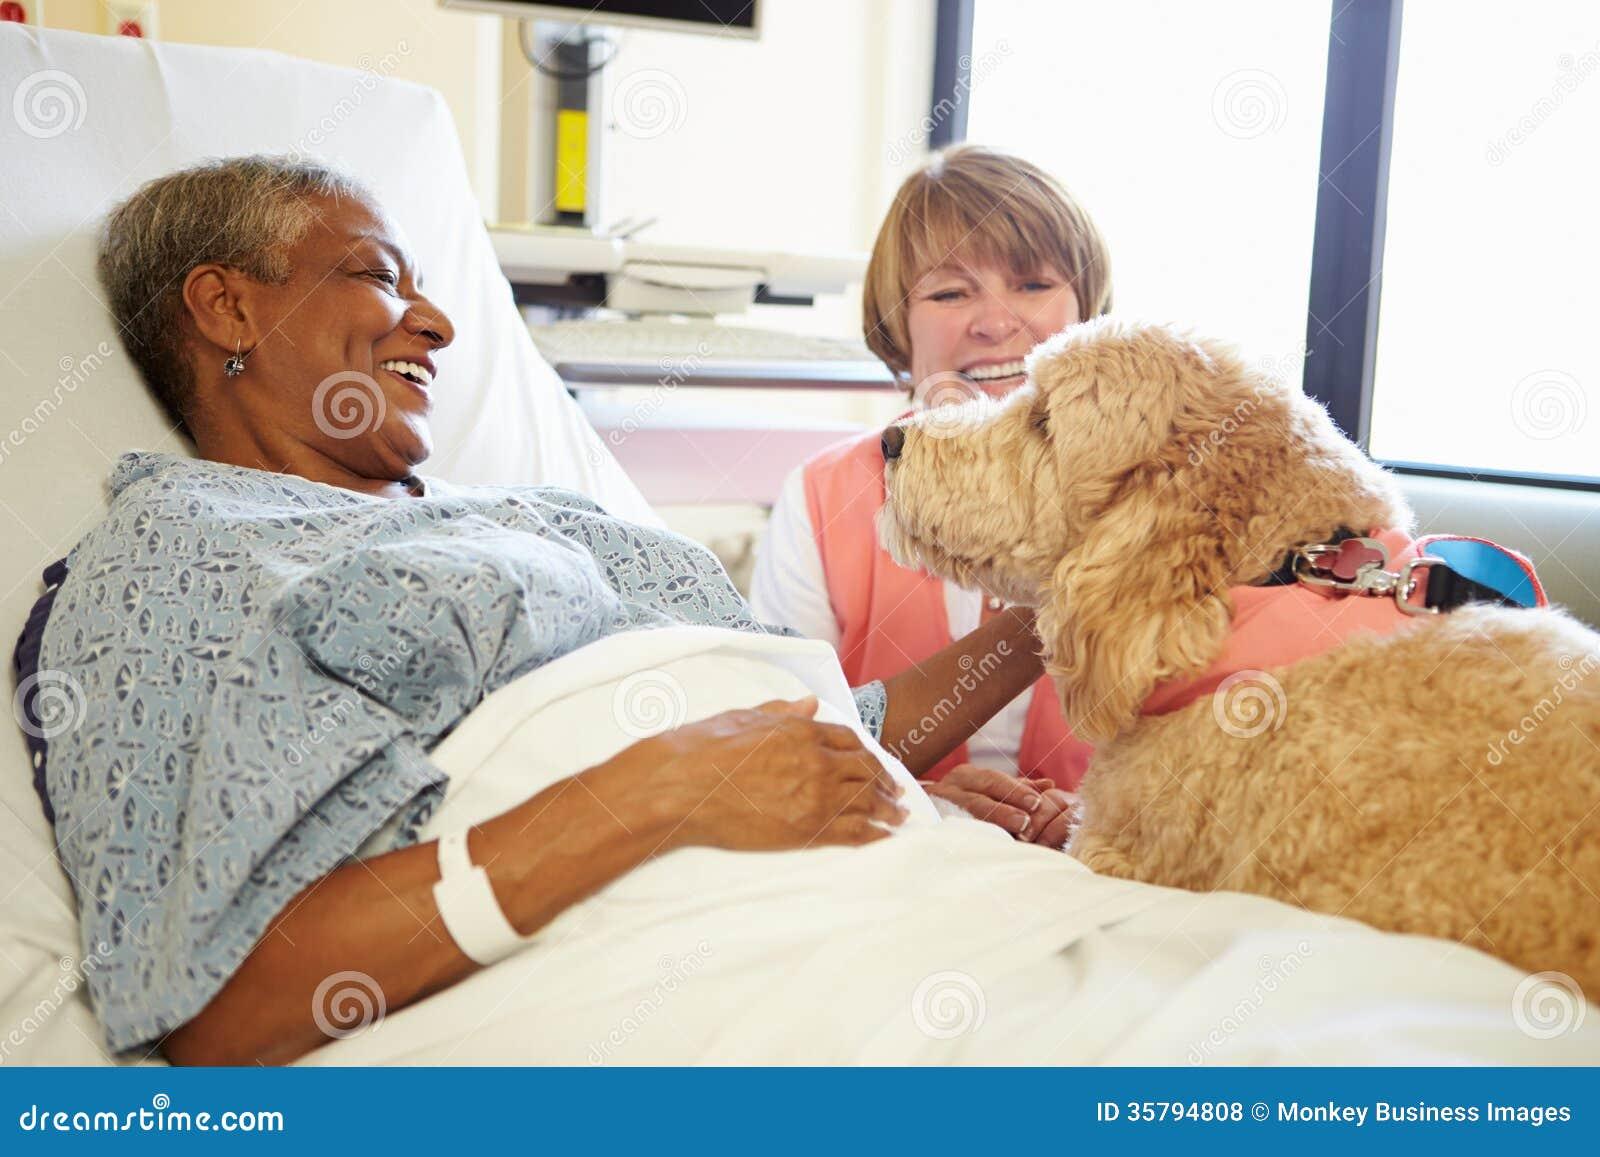 Älsklings- terapihund som besöker den höga kvinnliga patienten i sjukhus